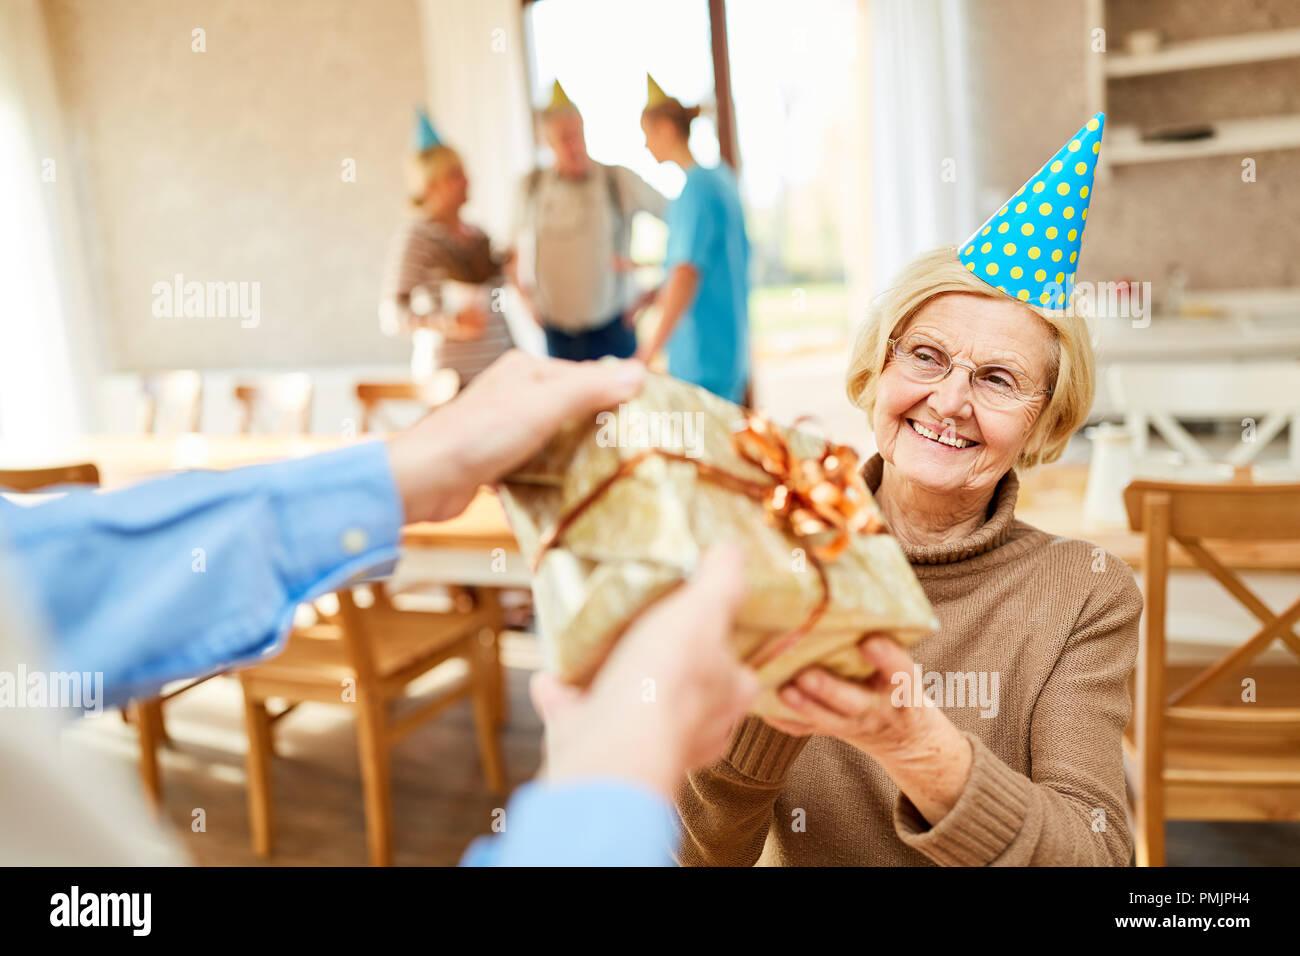 Ein älterer als Geburtstagskind freut sich über ein Geschenk an ihrem Geburtstag Stockbild